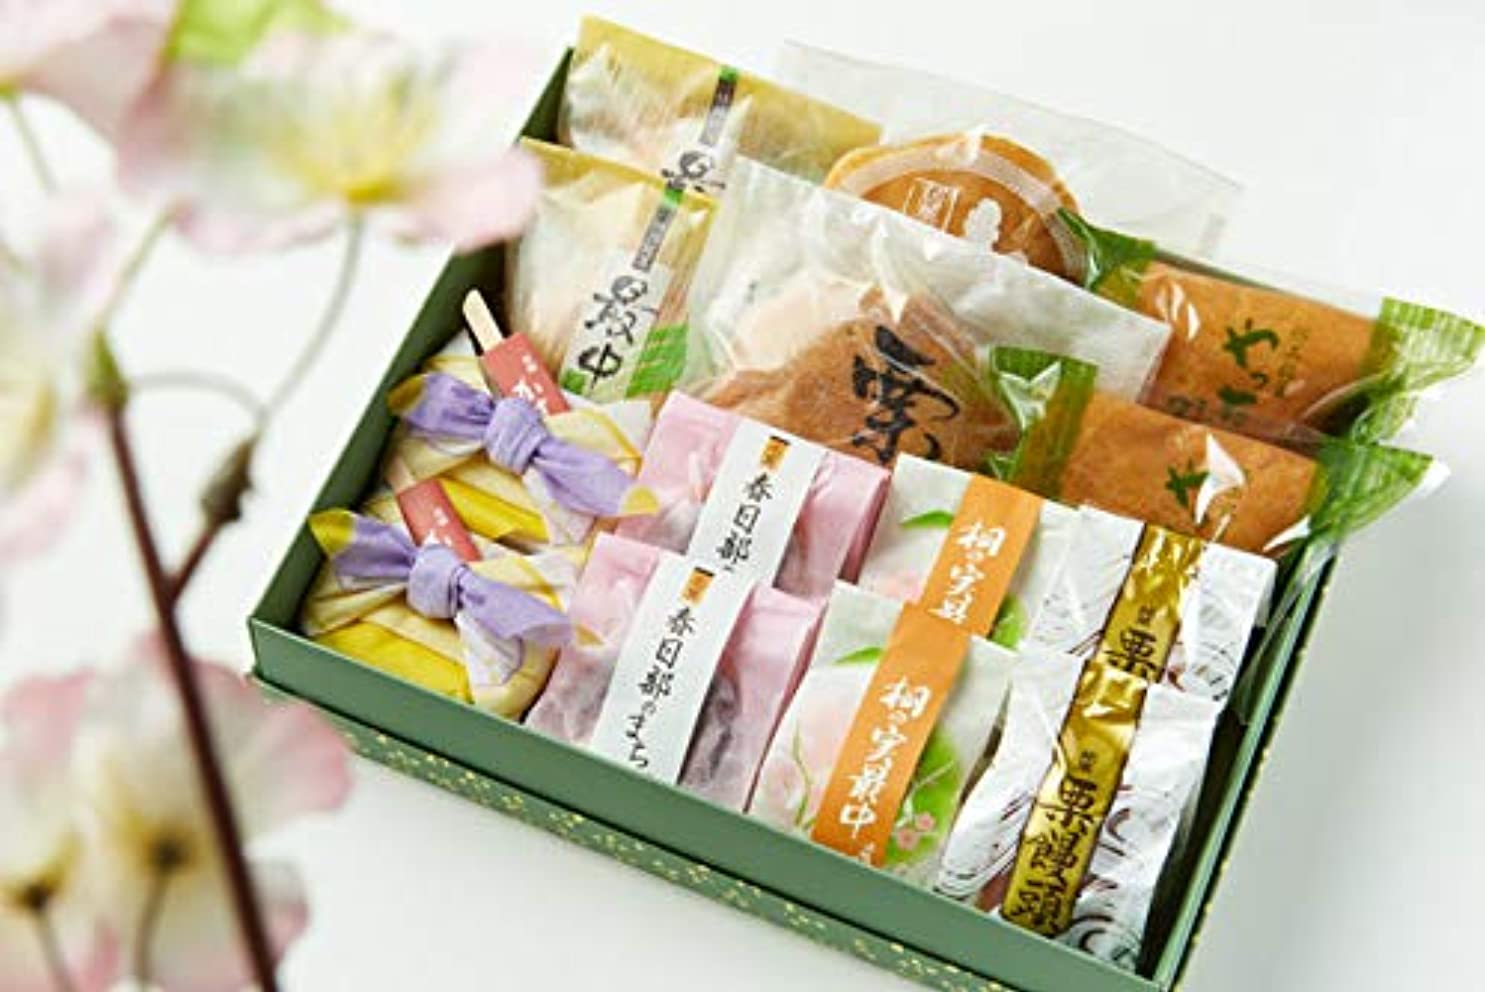 光沢比べるコンピューター【Amazon限定商品】和菓子詰合せ(14個入)